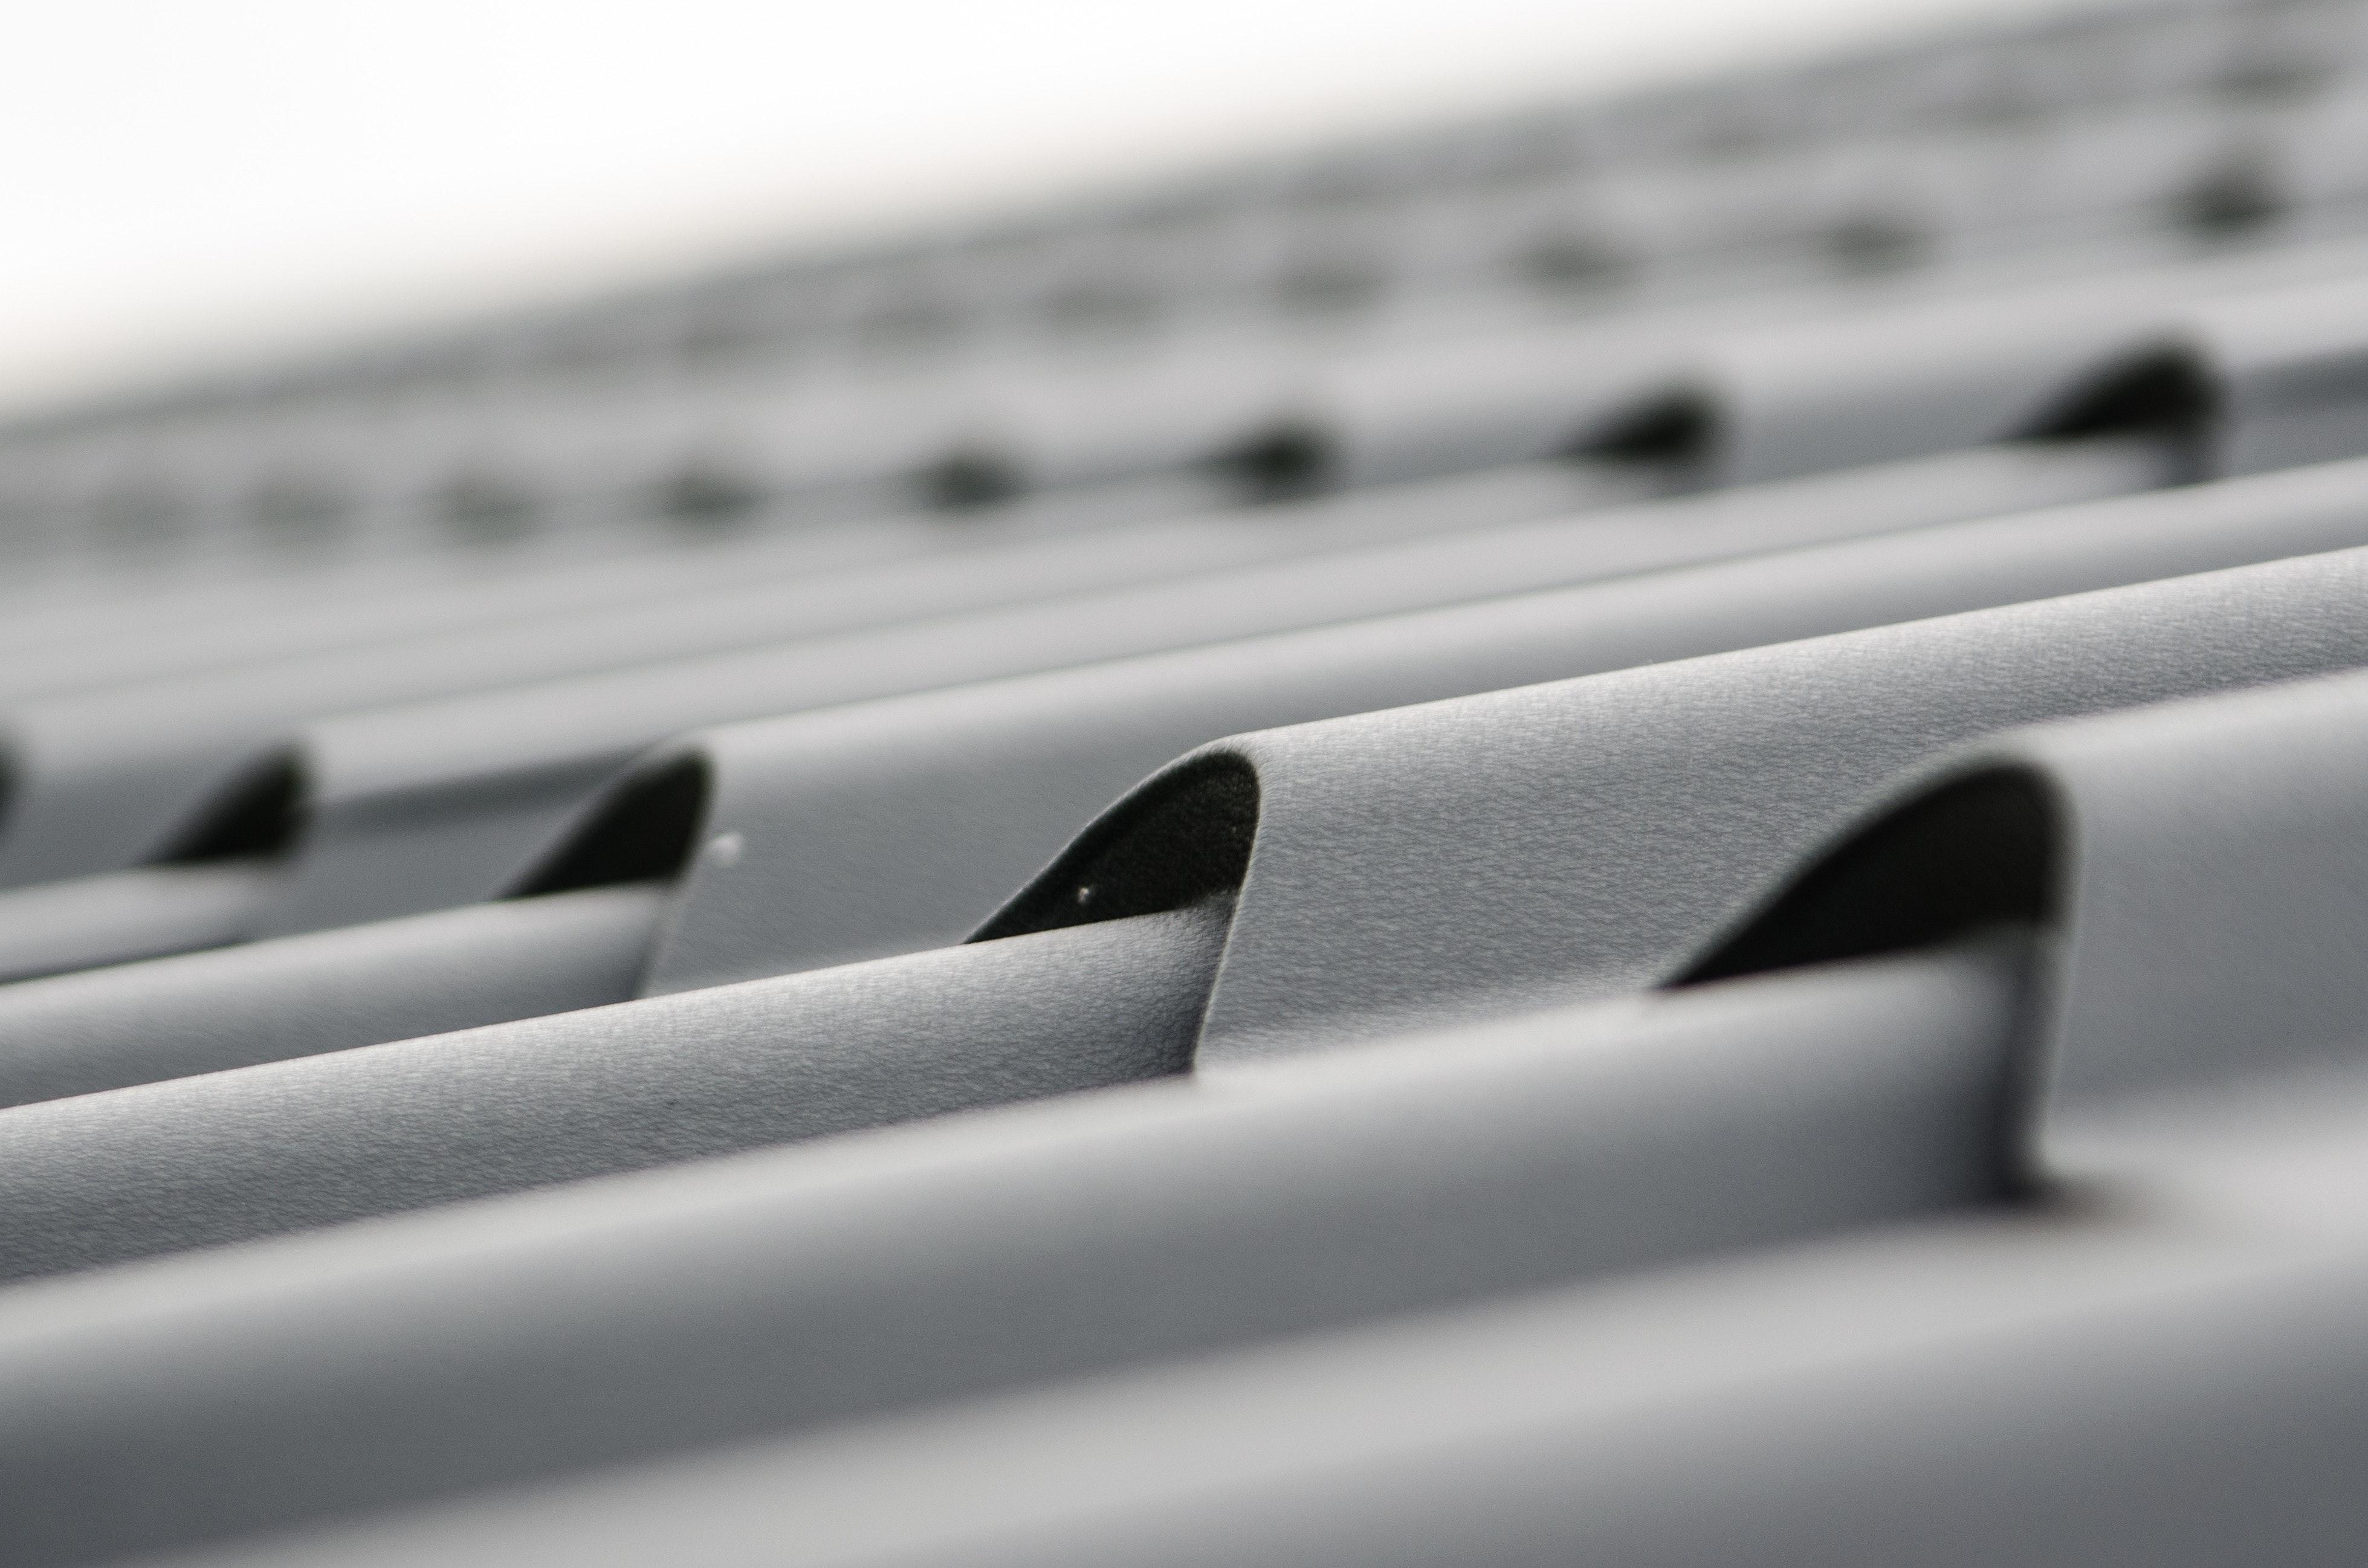 & Free stock photos of roof plate · Pexels memphite.com